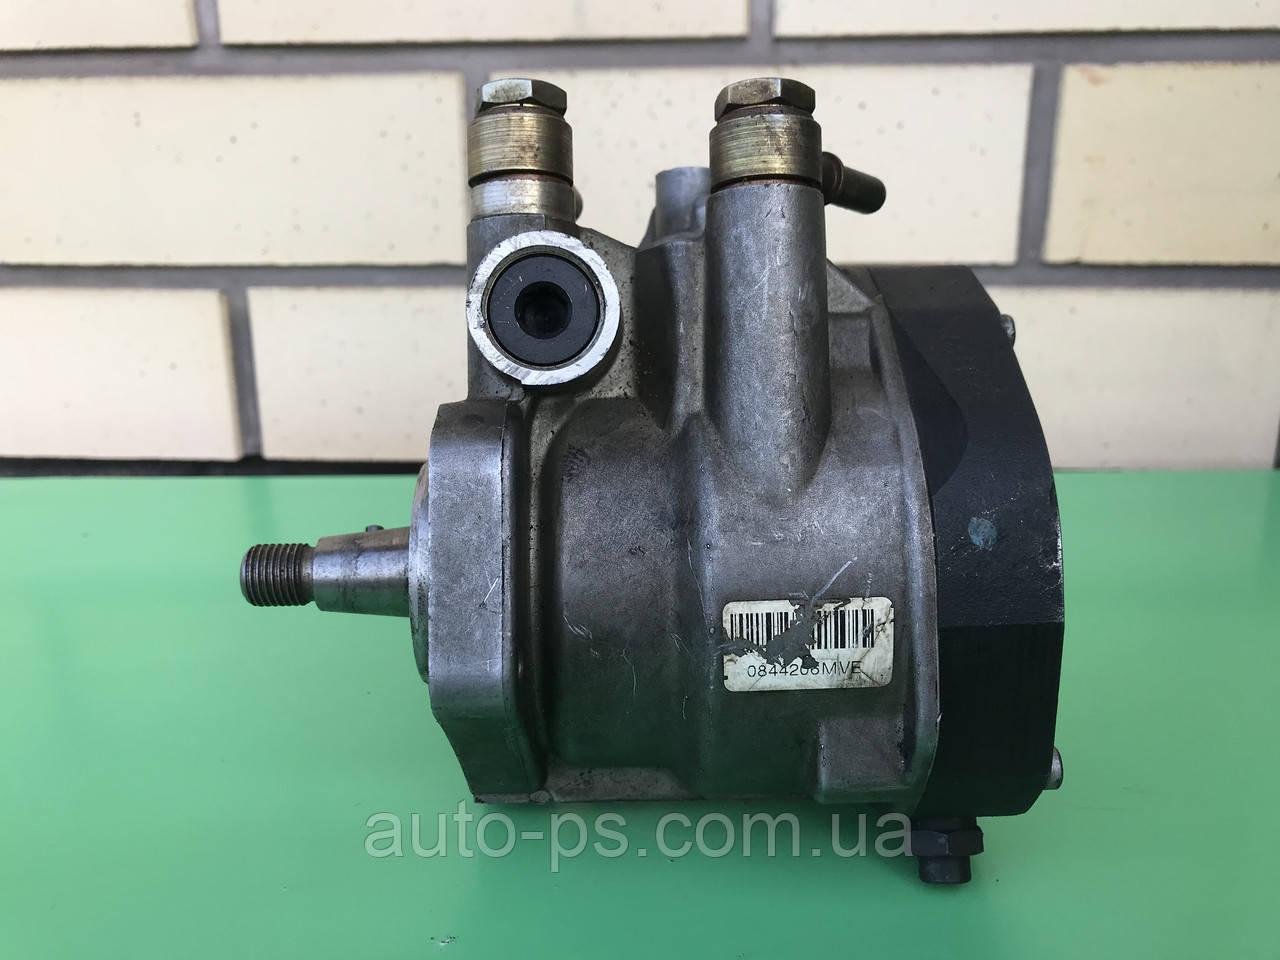 Топливный насос высокого давления (ТНВД) Peugeot Bipper 1.4HDI